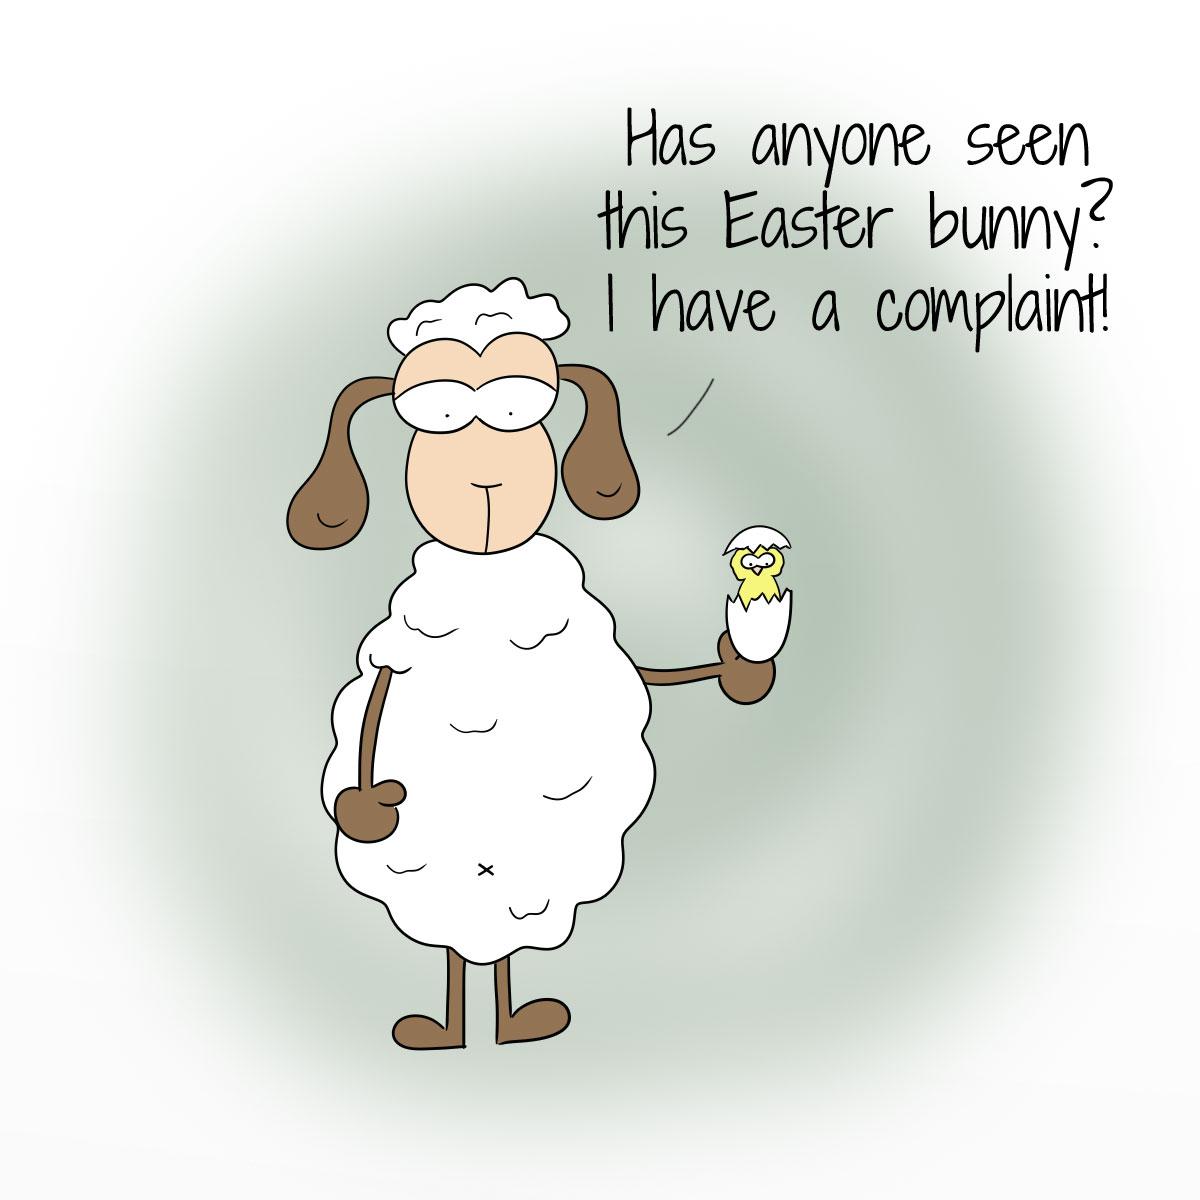 Damage regulation at Easter